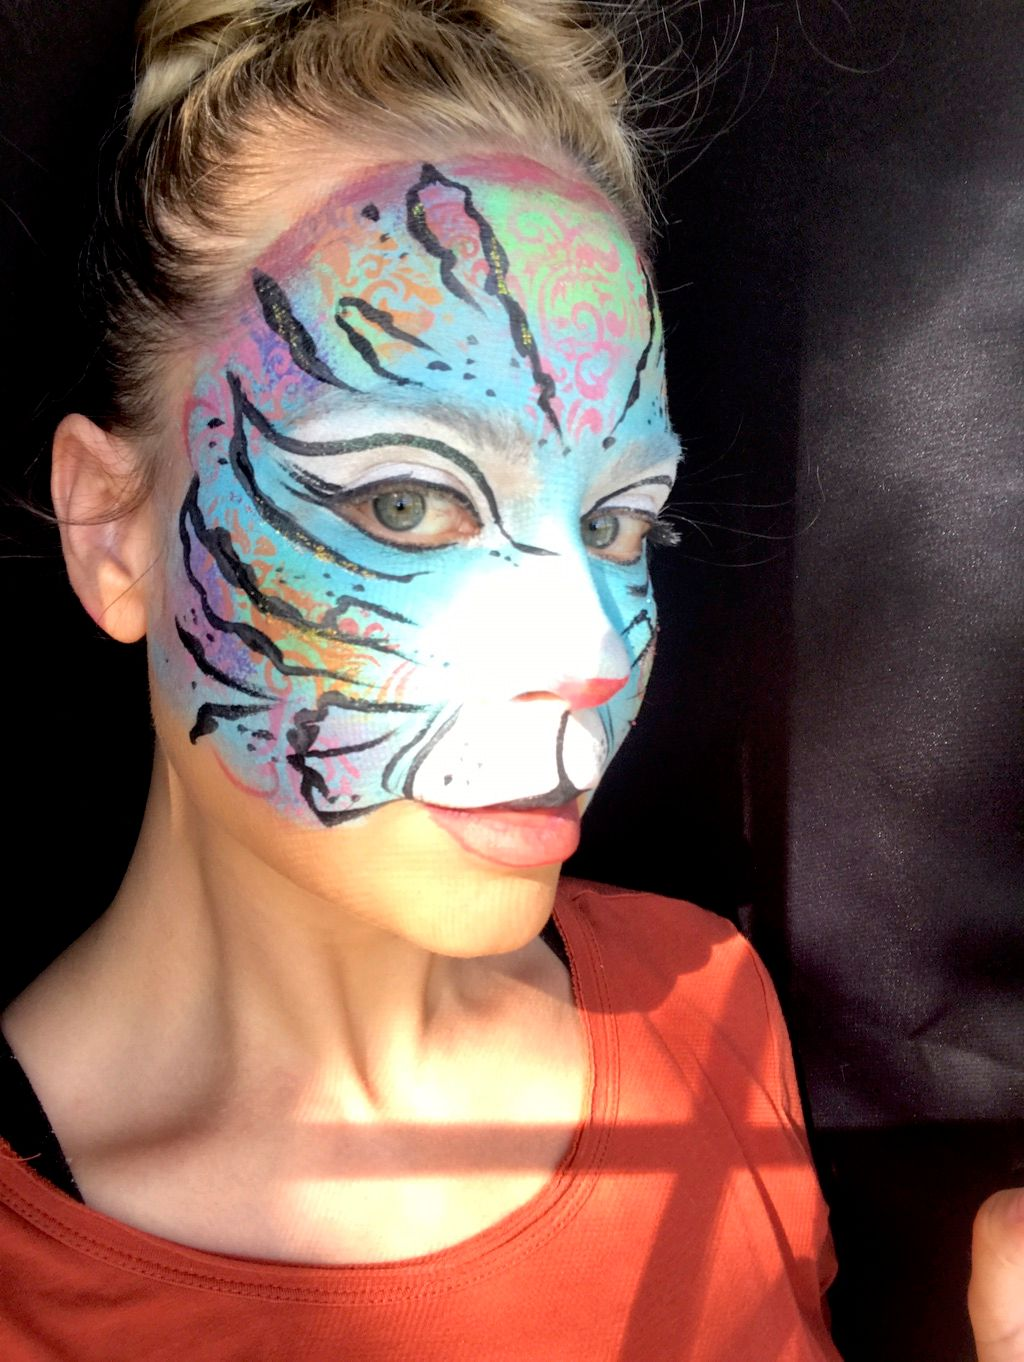 TG Facepaint, Balloon art, Entertainment